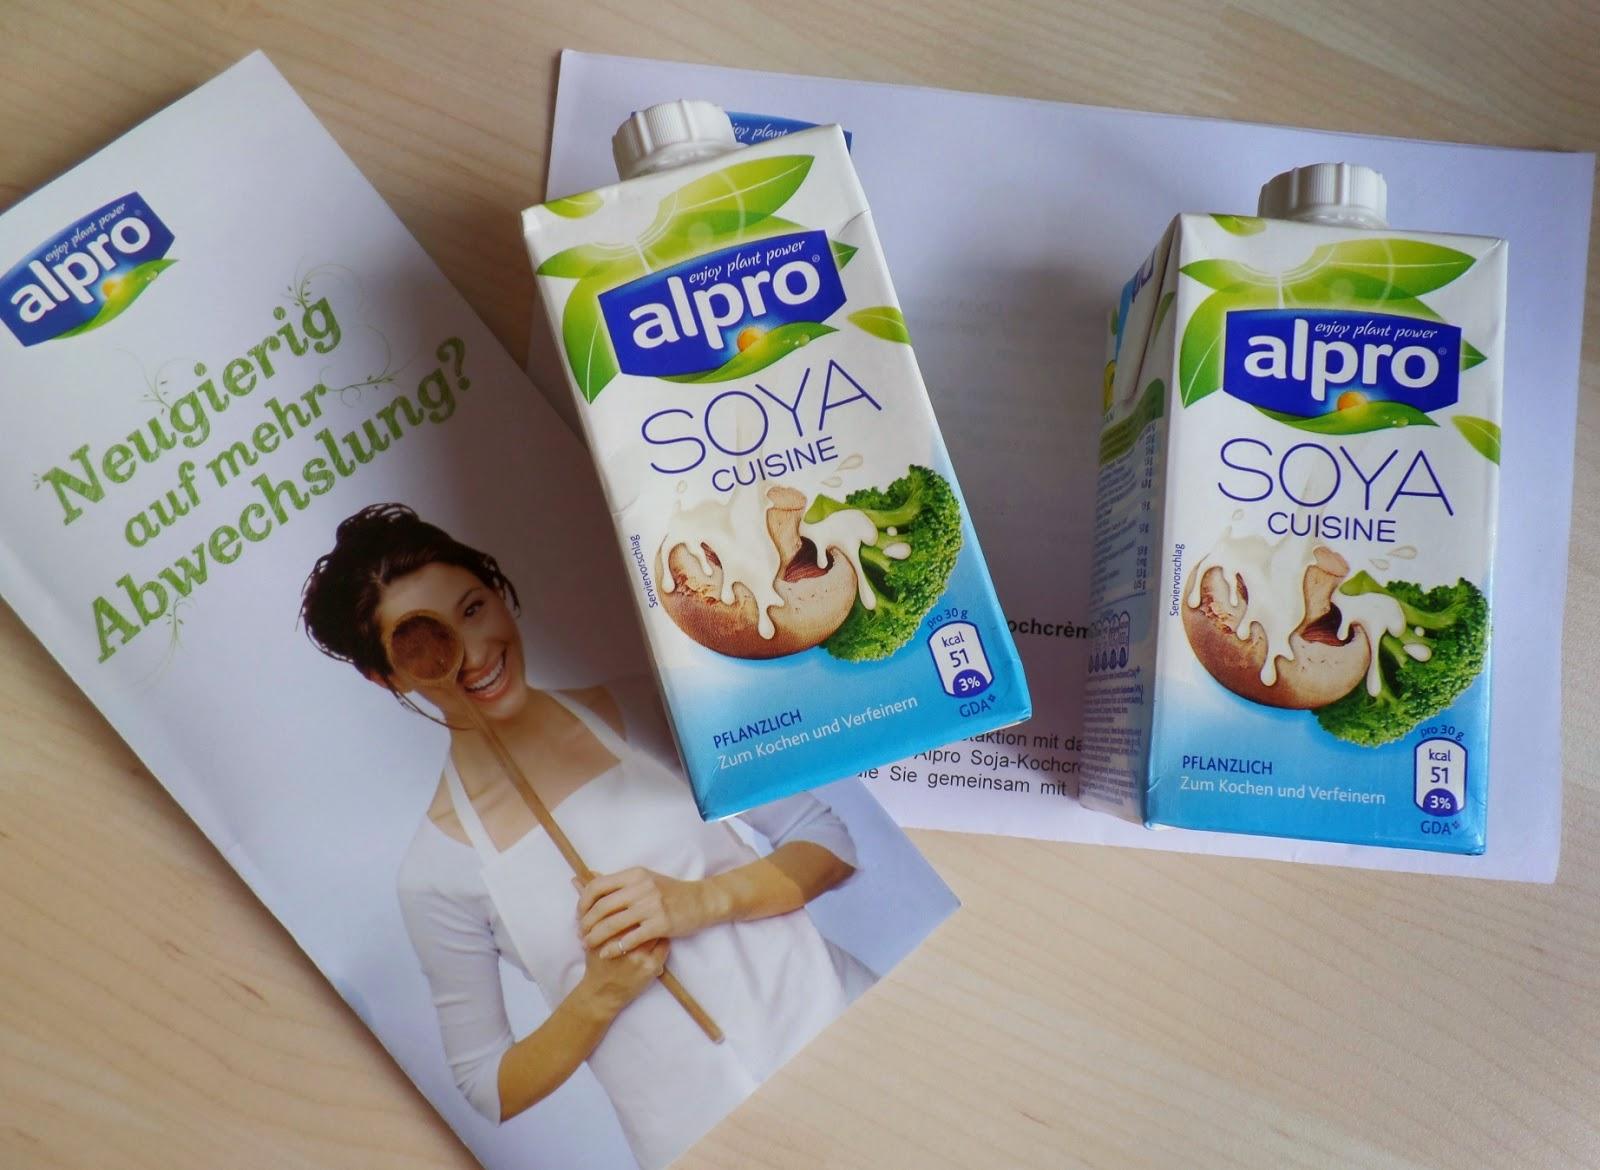 Auf herz und nieren die alpro soja kochcr me cuisine for Alpro soja cuisine